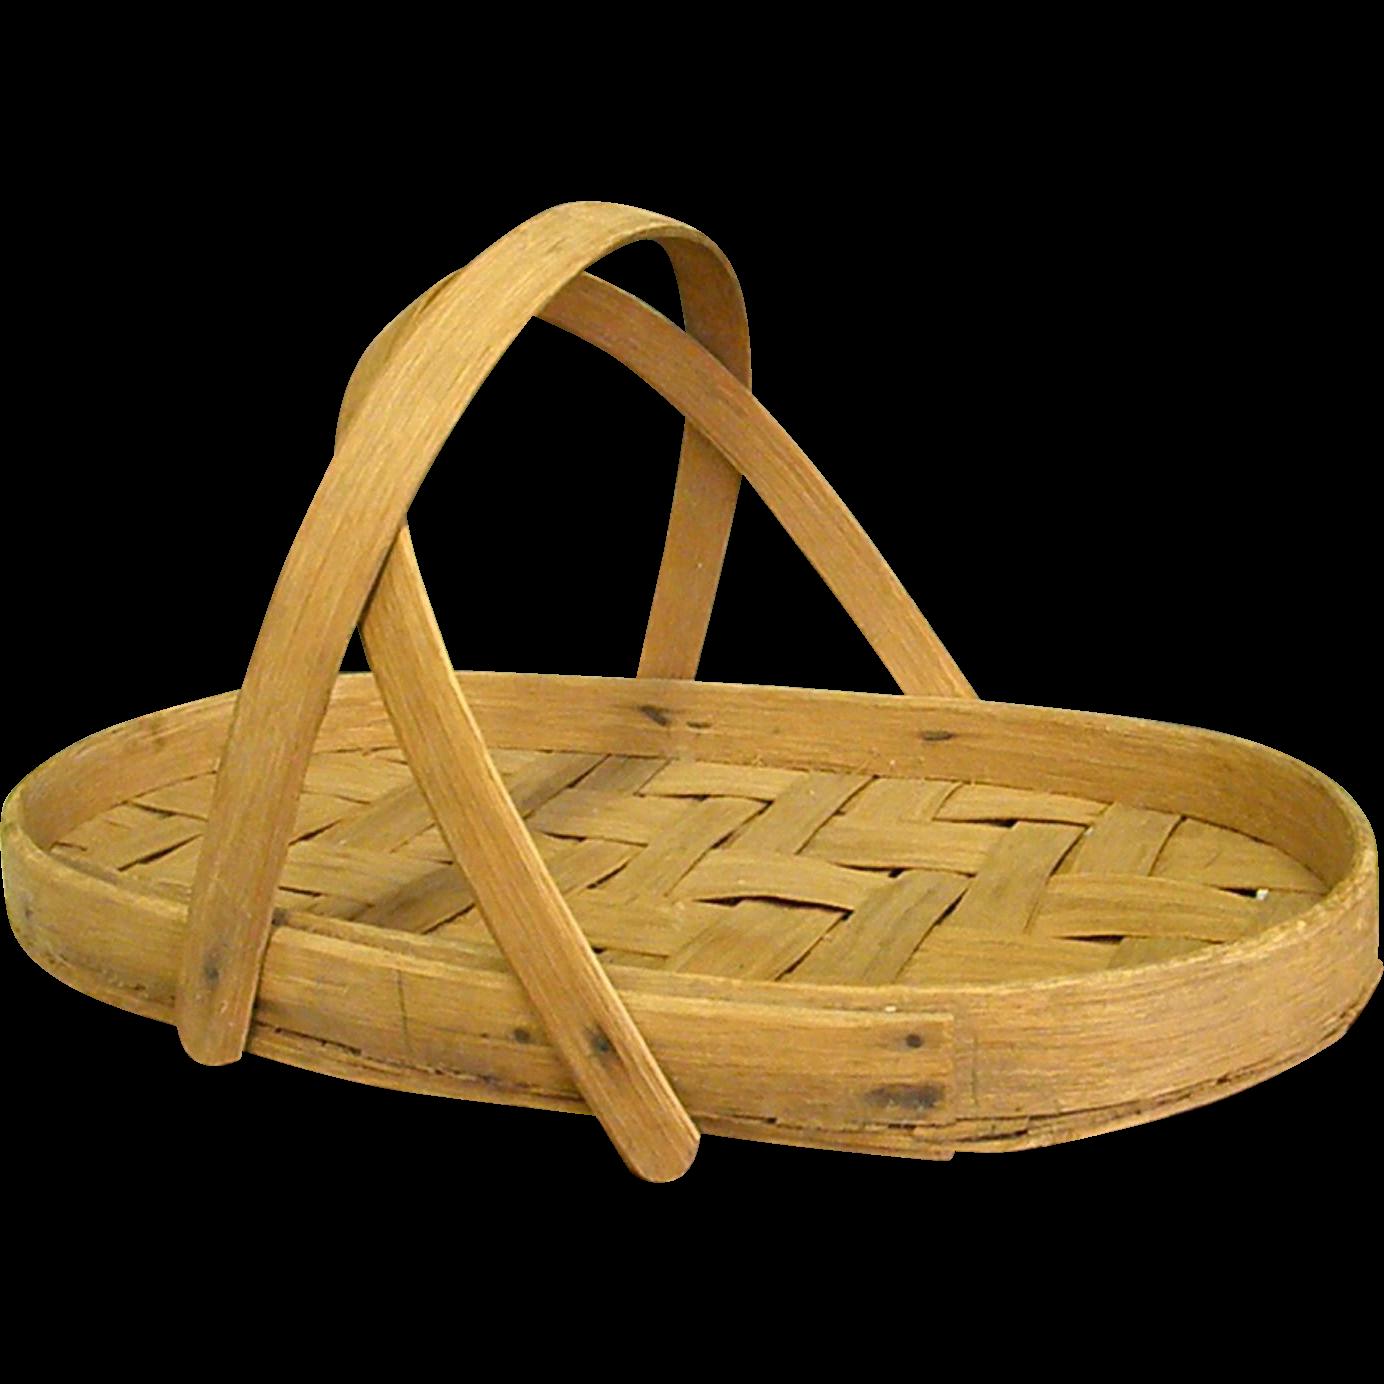 Woven Gathering Basket : Wonderful splint woven gathering basket from